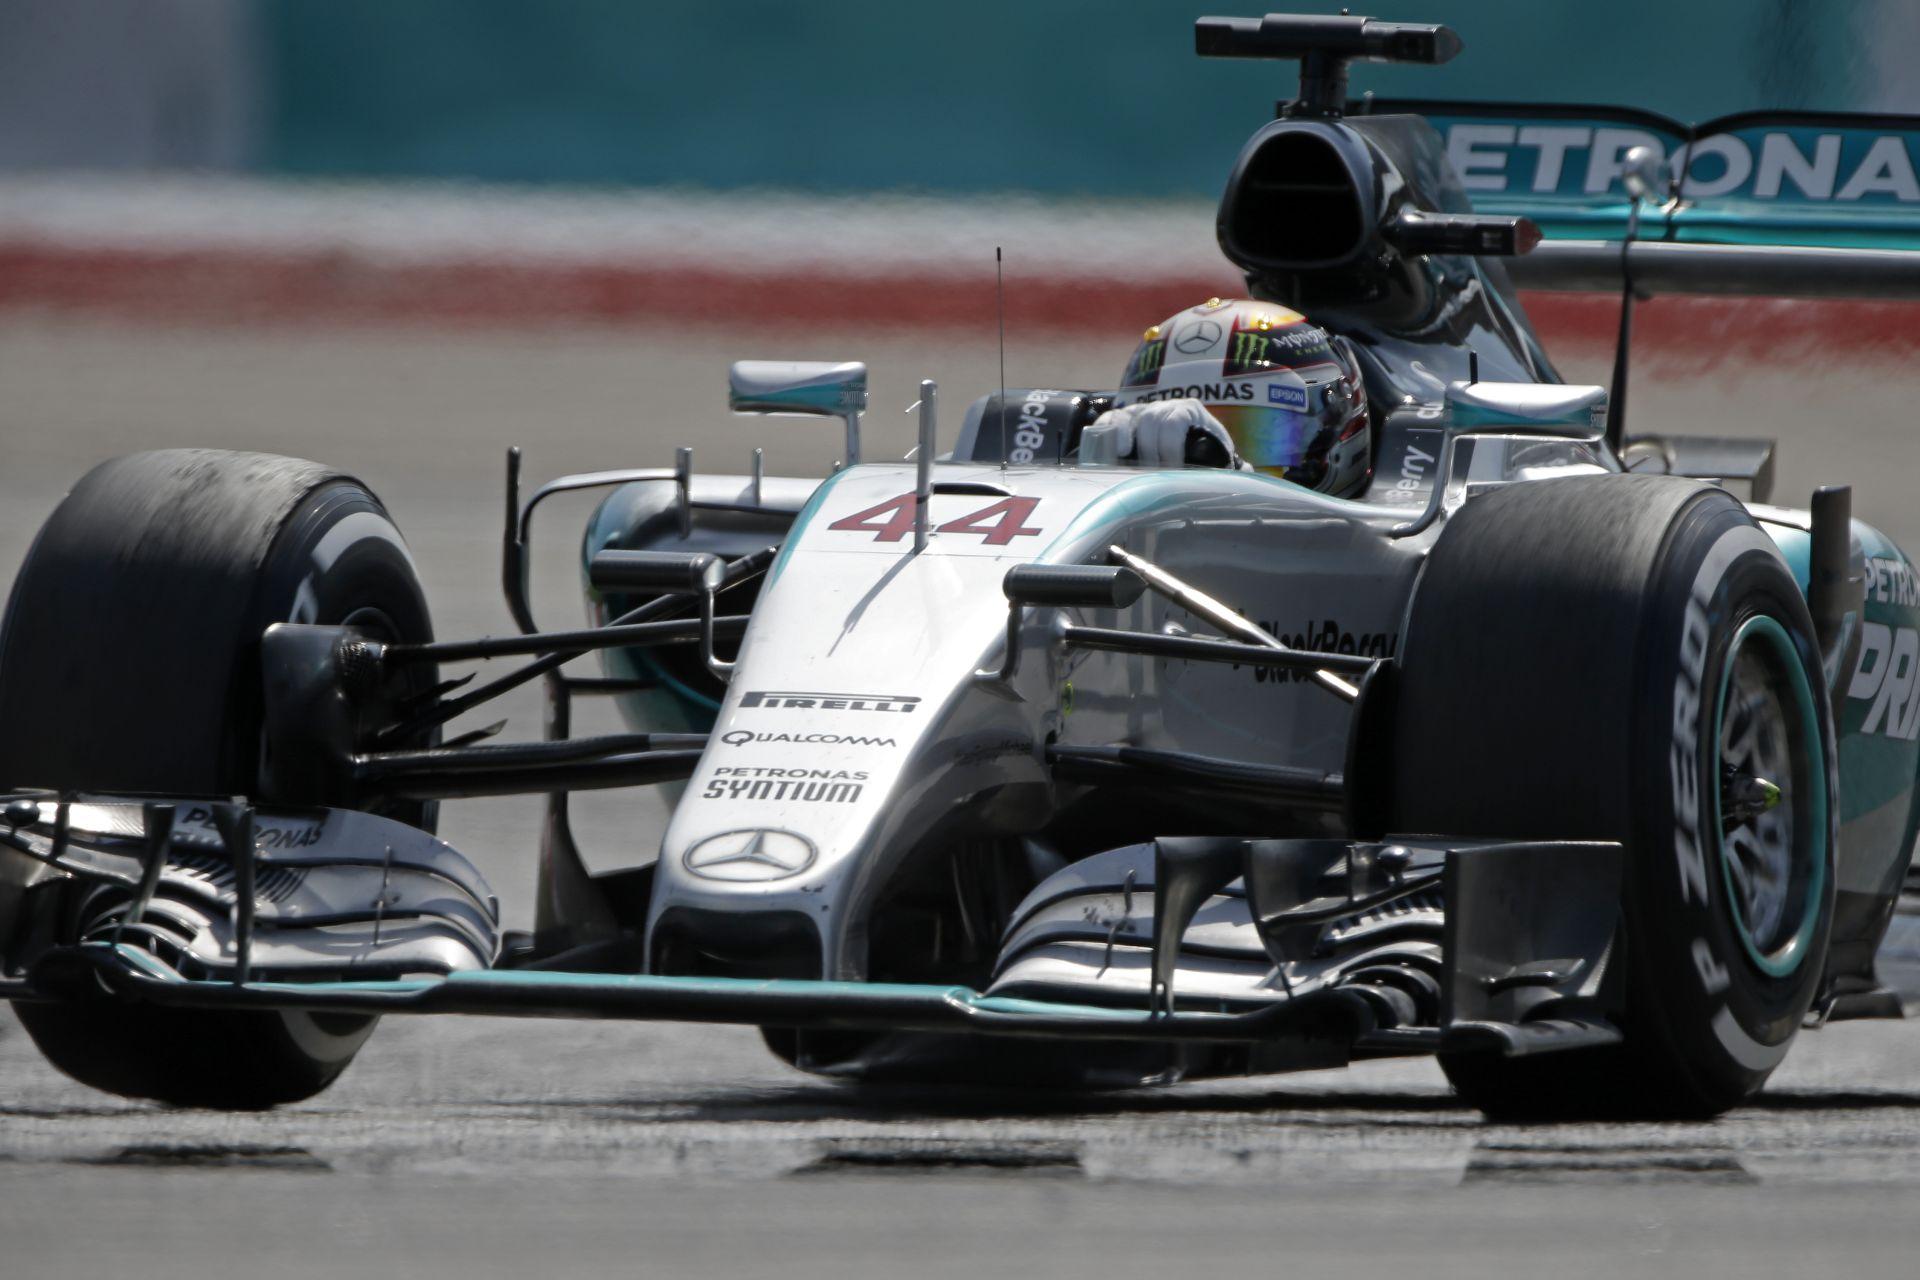 Hamilton több mint 27 millió fontot fog keresni az új szerződésével a Mercedesnél: Vettel fizetése azonban aláz a Ferrarinál